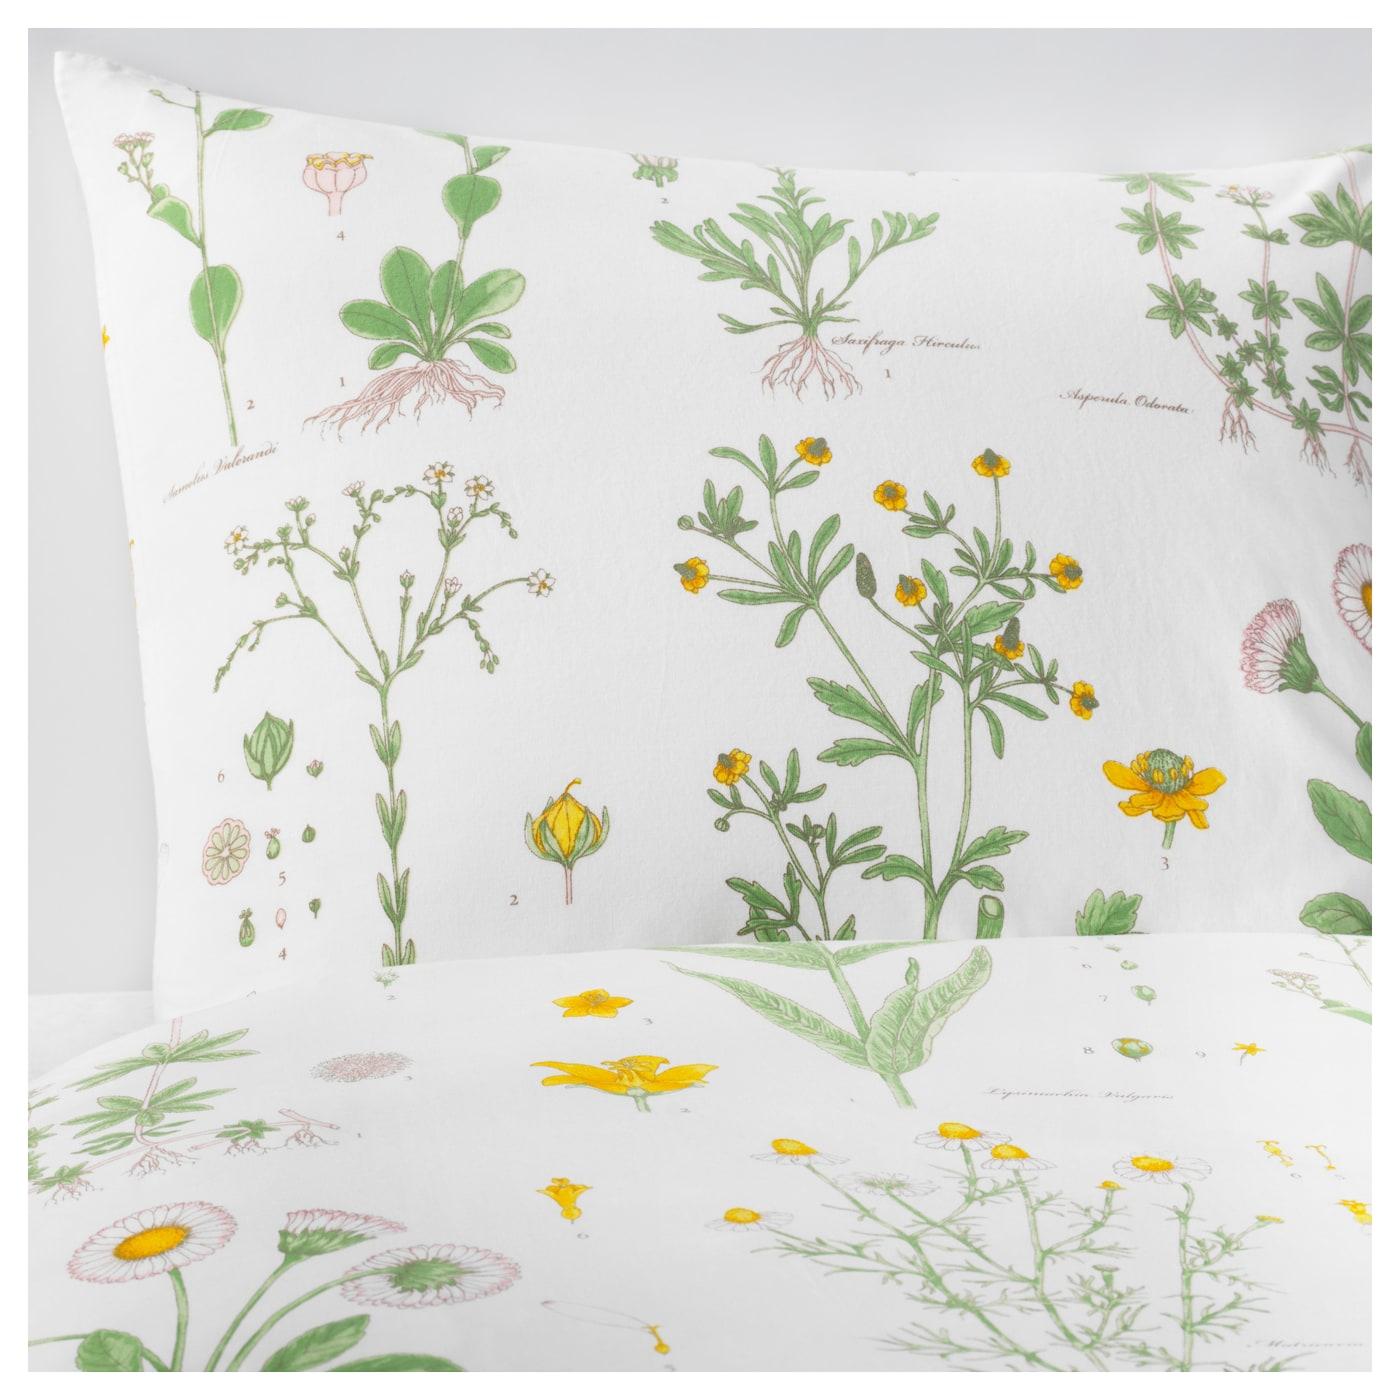 strandkrypa housse de couette et taie motif floral blanc 150x200 50x60 cm ikea. Black Bedroom Furniture Sets. Home Design Ideas